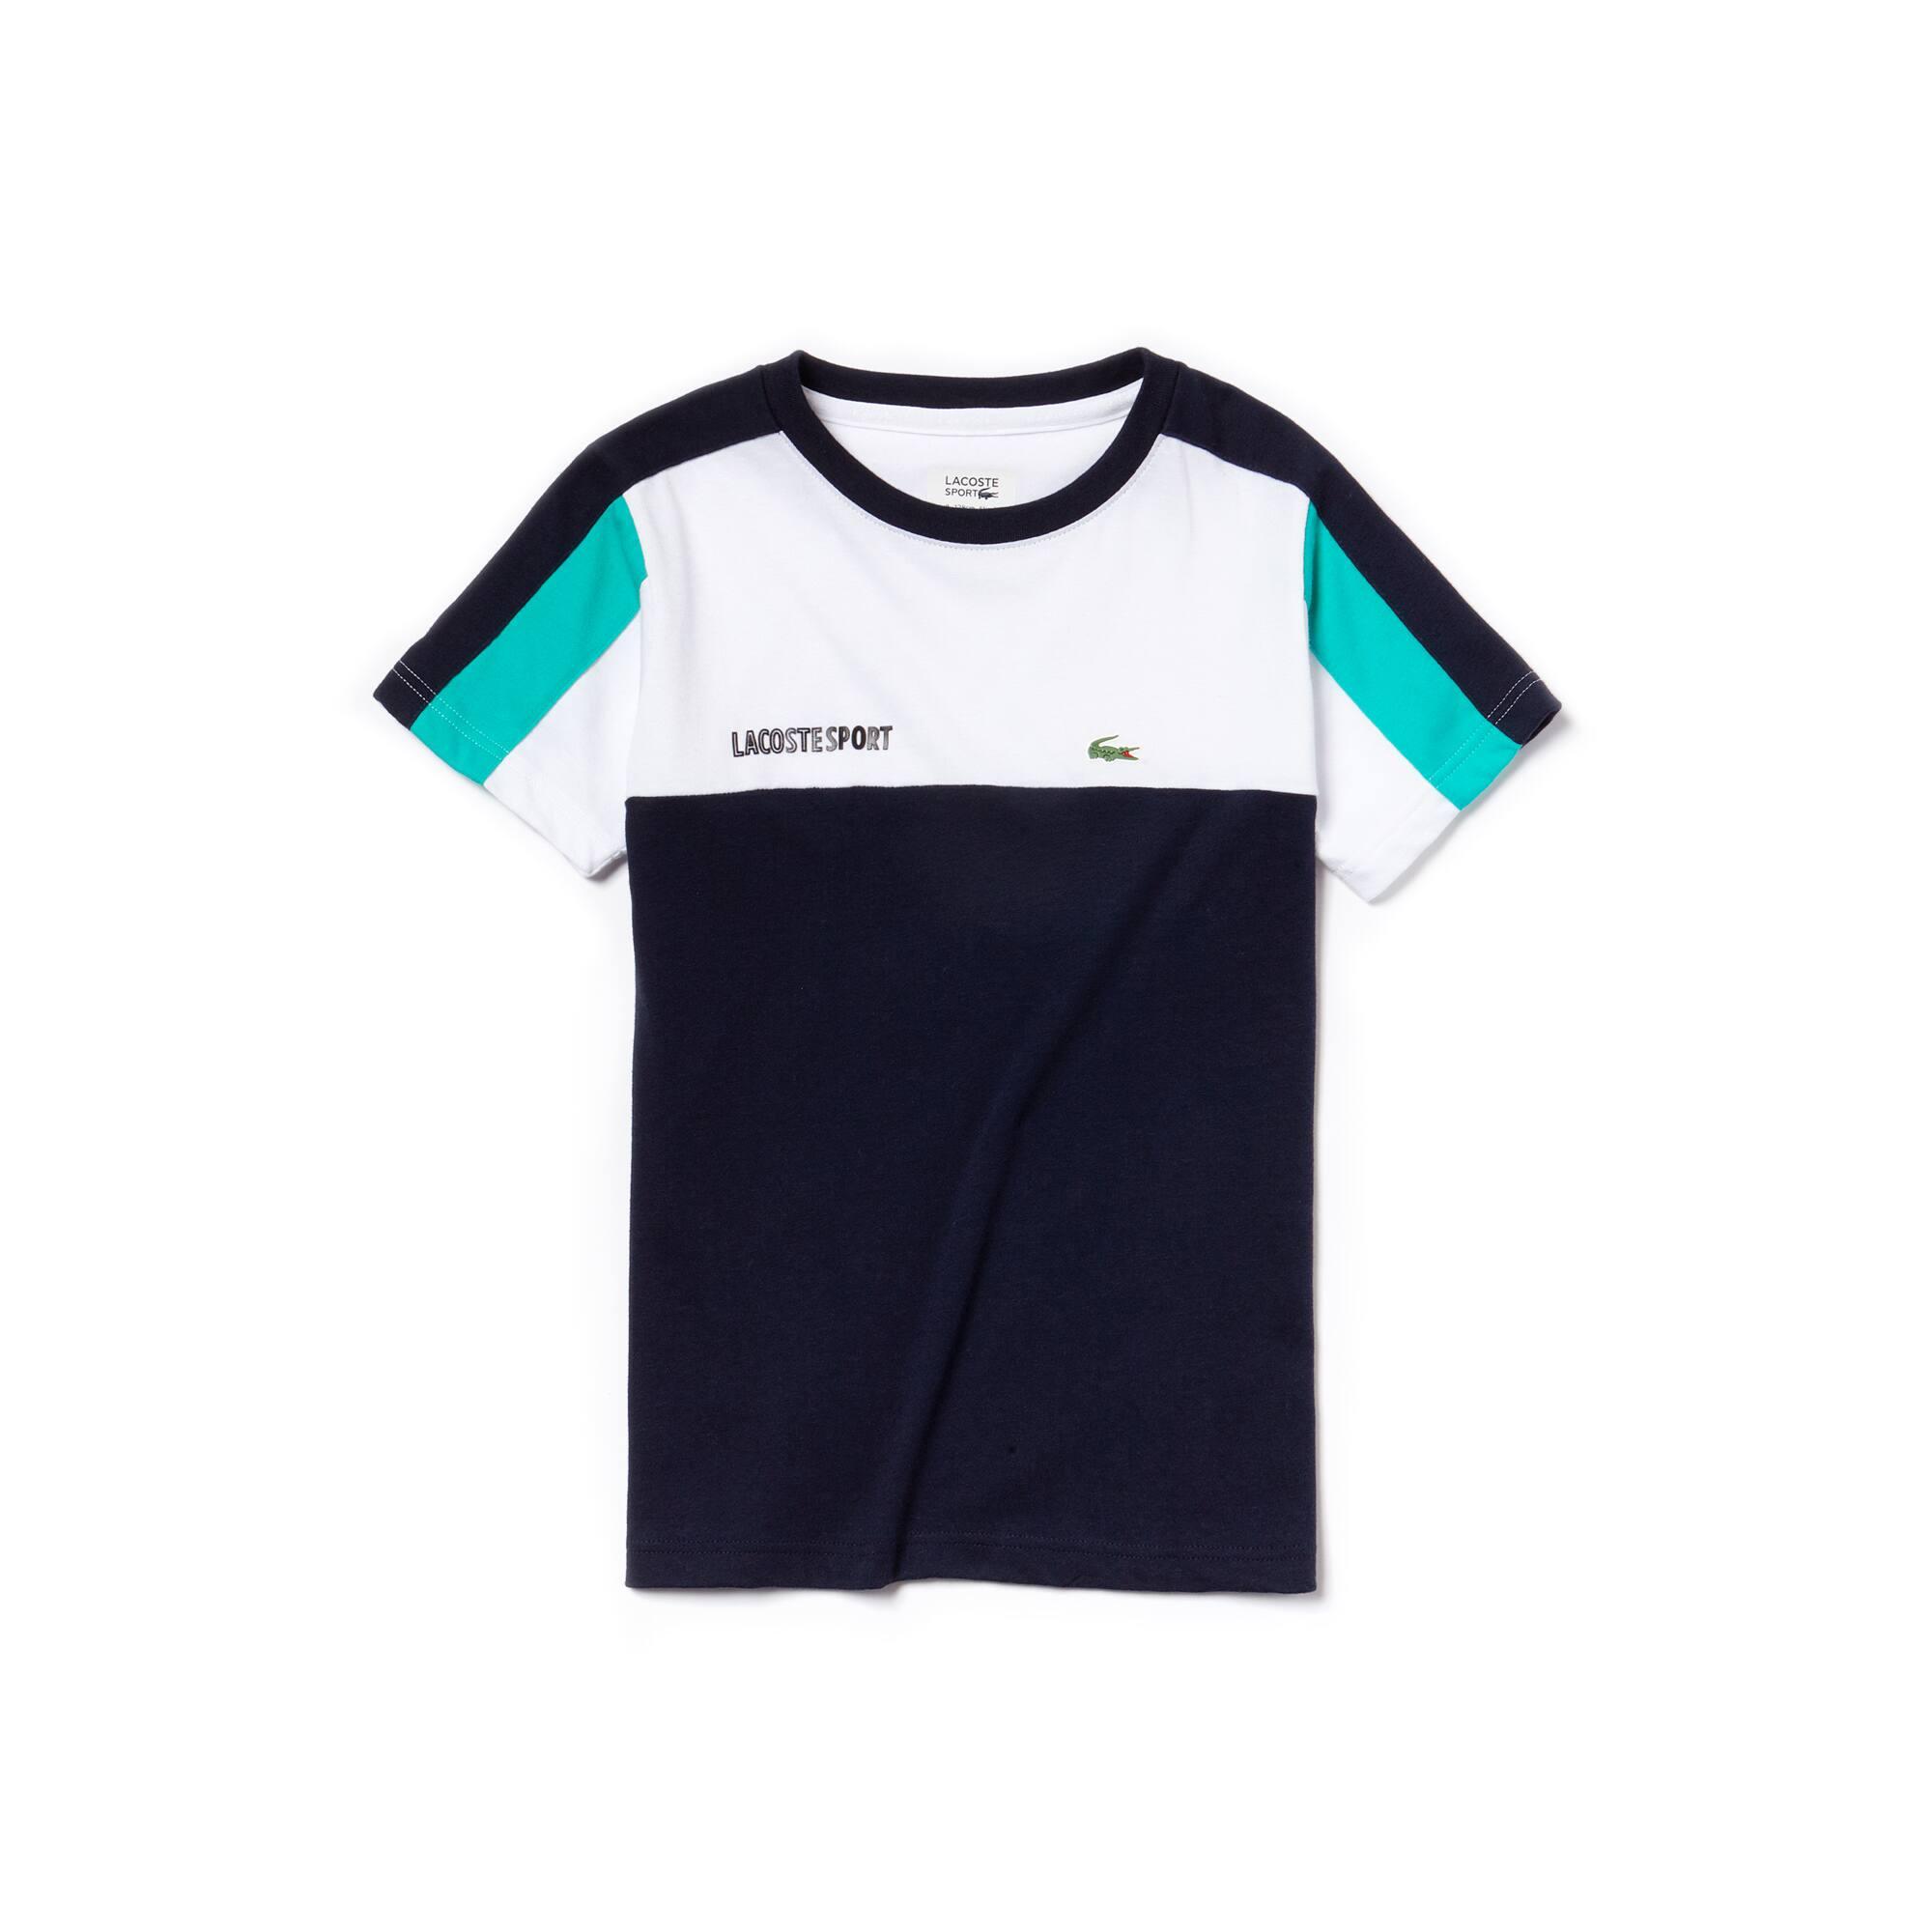 T-shirt col rond Garçon Tennis Lacoste SPORT en jersey technique color block